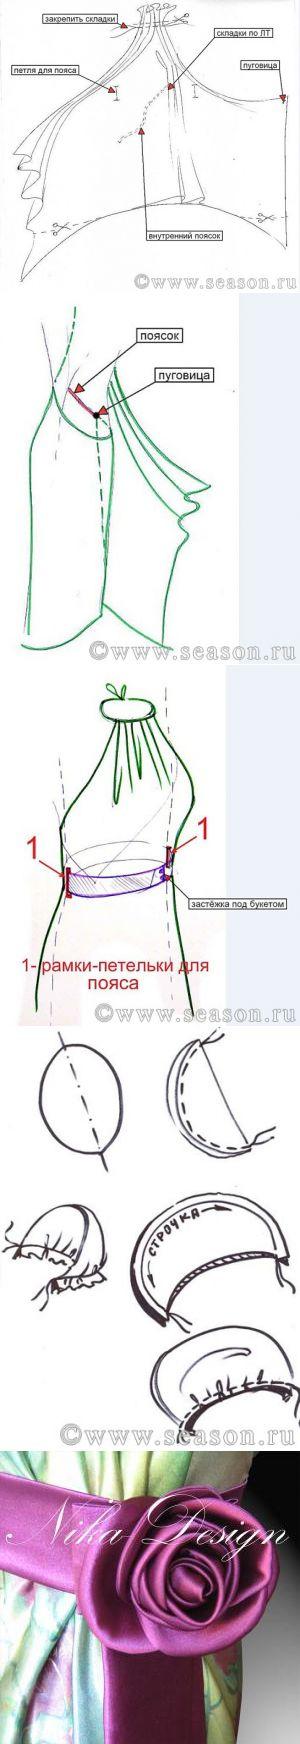 Как сшить бесшовное платье Платье «Офелия» (описание и эскизы Nika)...♥ Deniz ♥